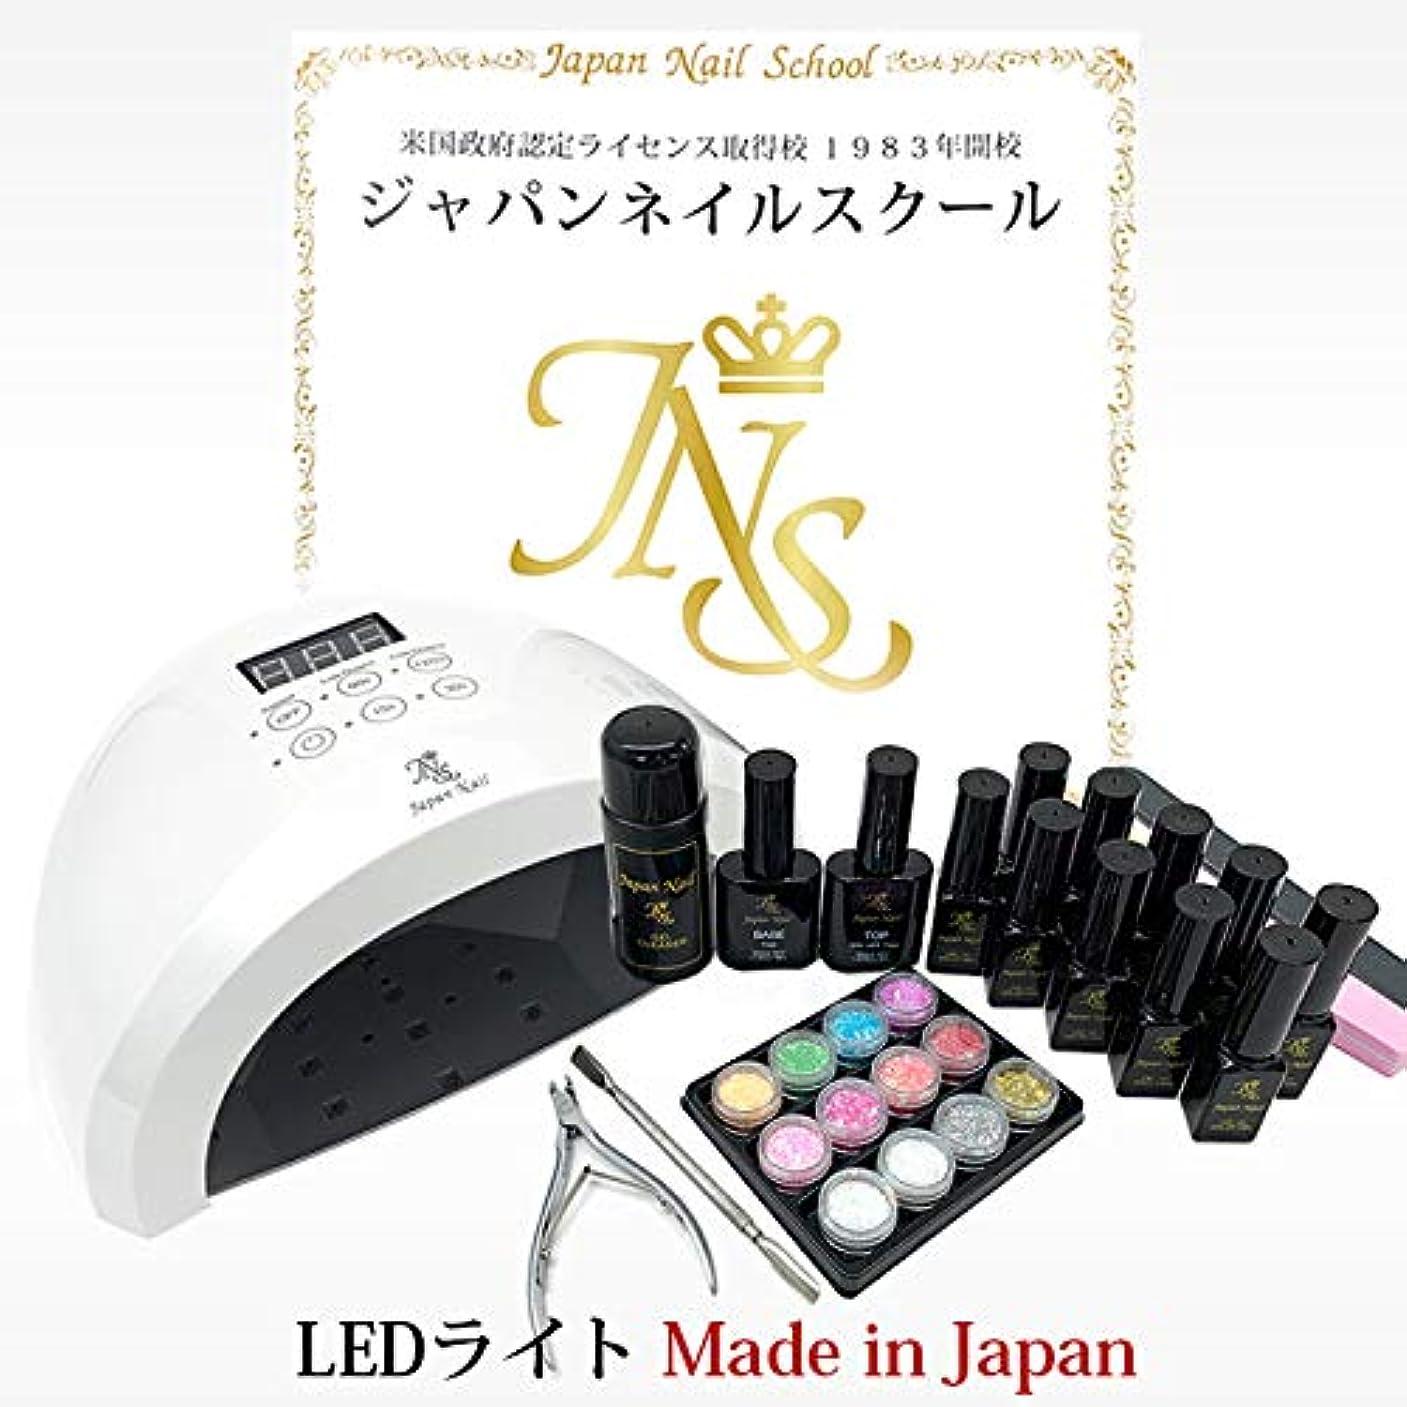 弱爪?傷爪でも熱くない2つのローダウン機能搭載ジェルネイルキット最新型日本製LEDライトn7初心者も安心の5年間サポート付